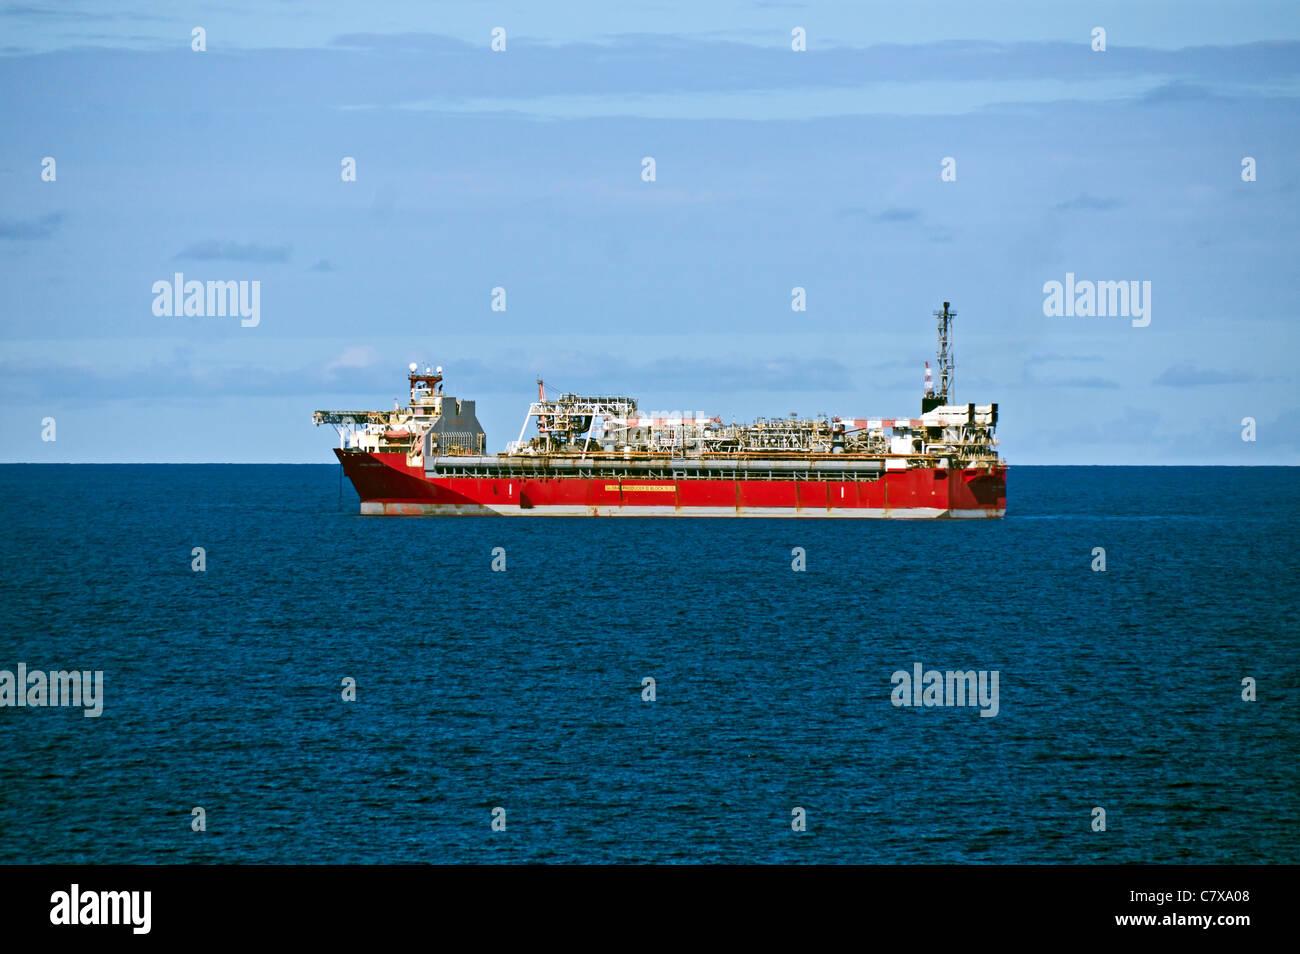 Maersk Oil UK Ltd besessen Global Producer 3 Schiff verankert in der britischen Sektion von der Nordsee Stockbild